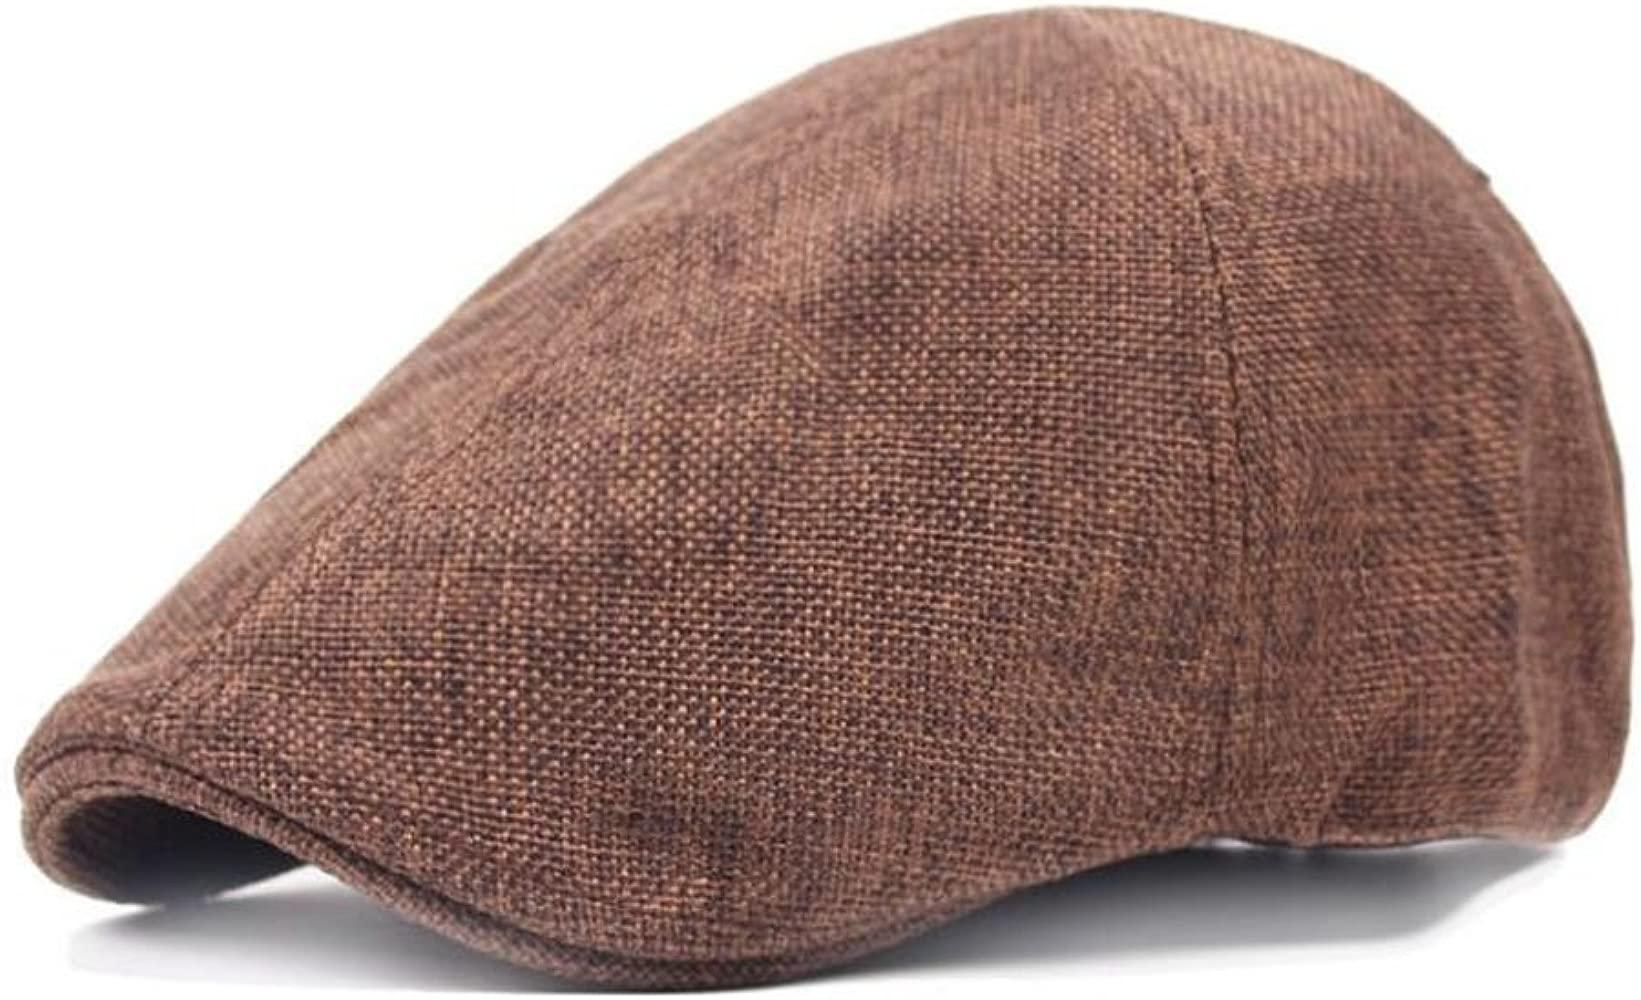 YXYP Impresion 1 PCS Sombreros Boina Sombreros de Hombres Sombrero de Mujer Casual Outing Hat Sombrero Retro de Moda Sombrero Cl/ásico